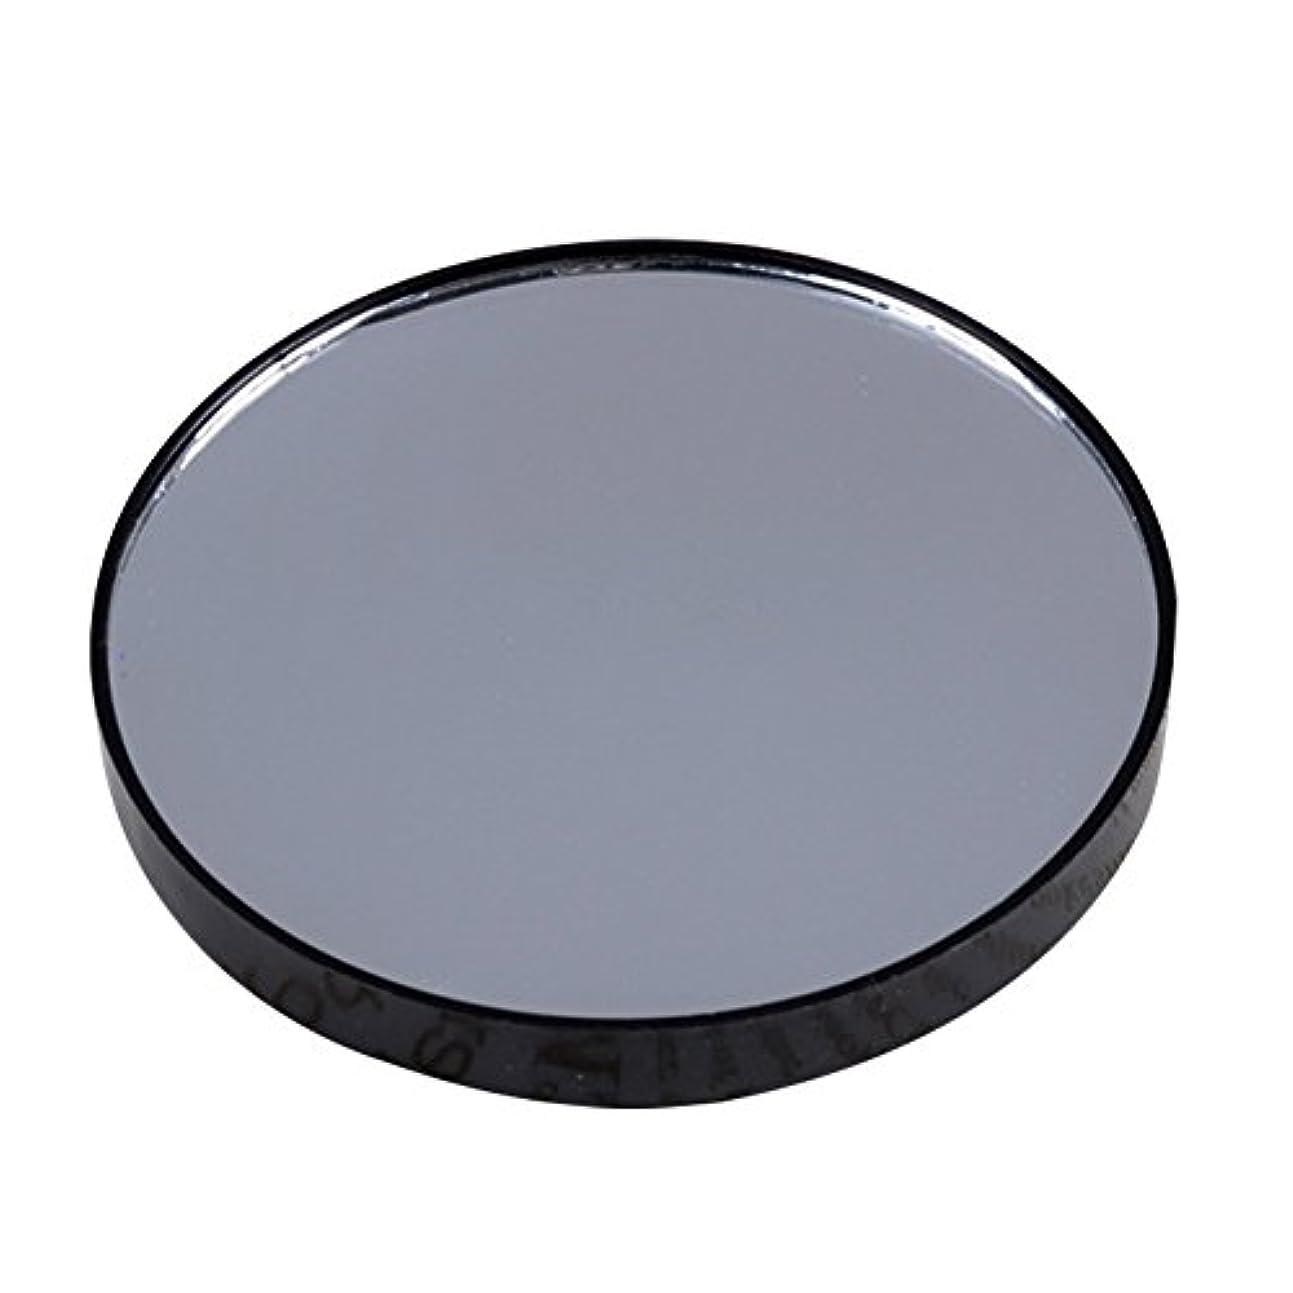 信じられない誕生日フェードYideaHome メイクアップミラー 化粧鏡 拡大鏡 5倍 10倍 15倍 強力吸盤付き メイクミラー 化粧ミラー (15倍)